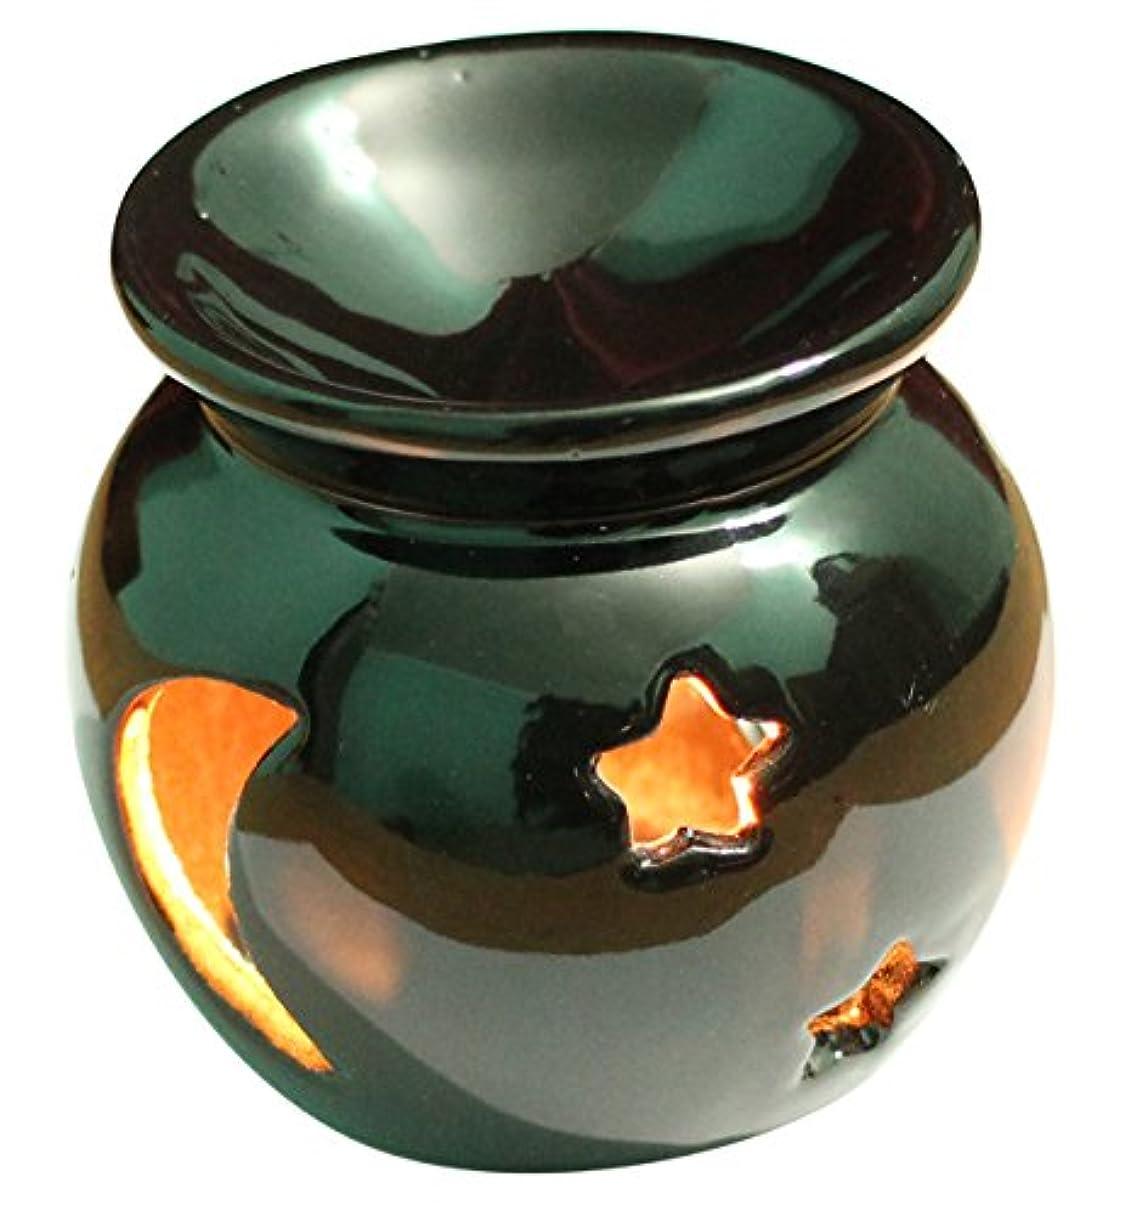 コンピューター慈善信頼性のあるAb Handicrafts – セラミック – Essential Oil Burner、完璧ハンドメイドOil Diffuser for Fragrance &アロマセラピー – 素晴らしい装飾のリビングルーム、バルコニー...